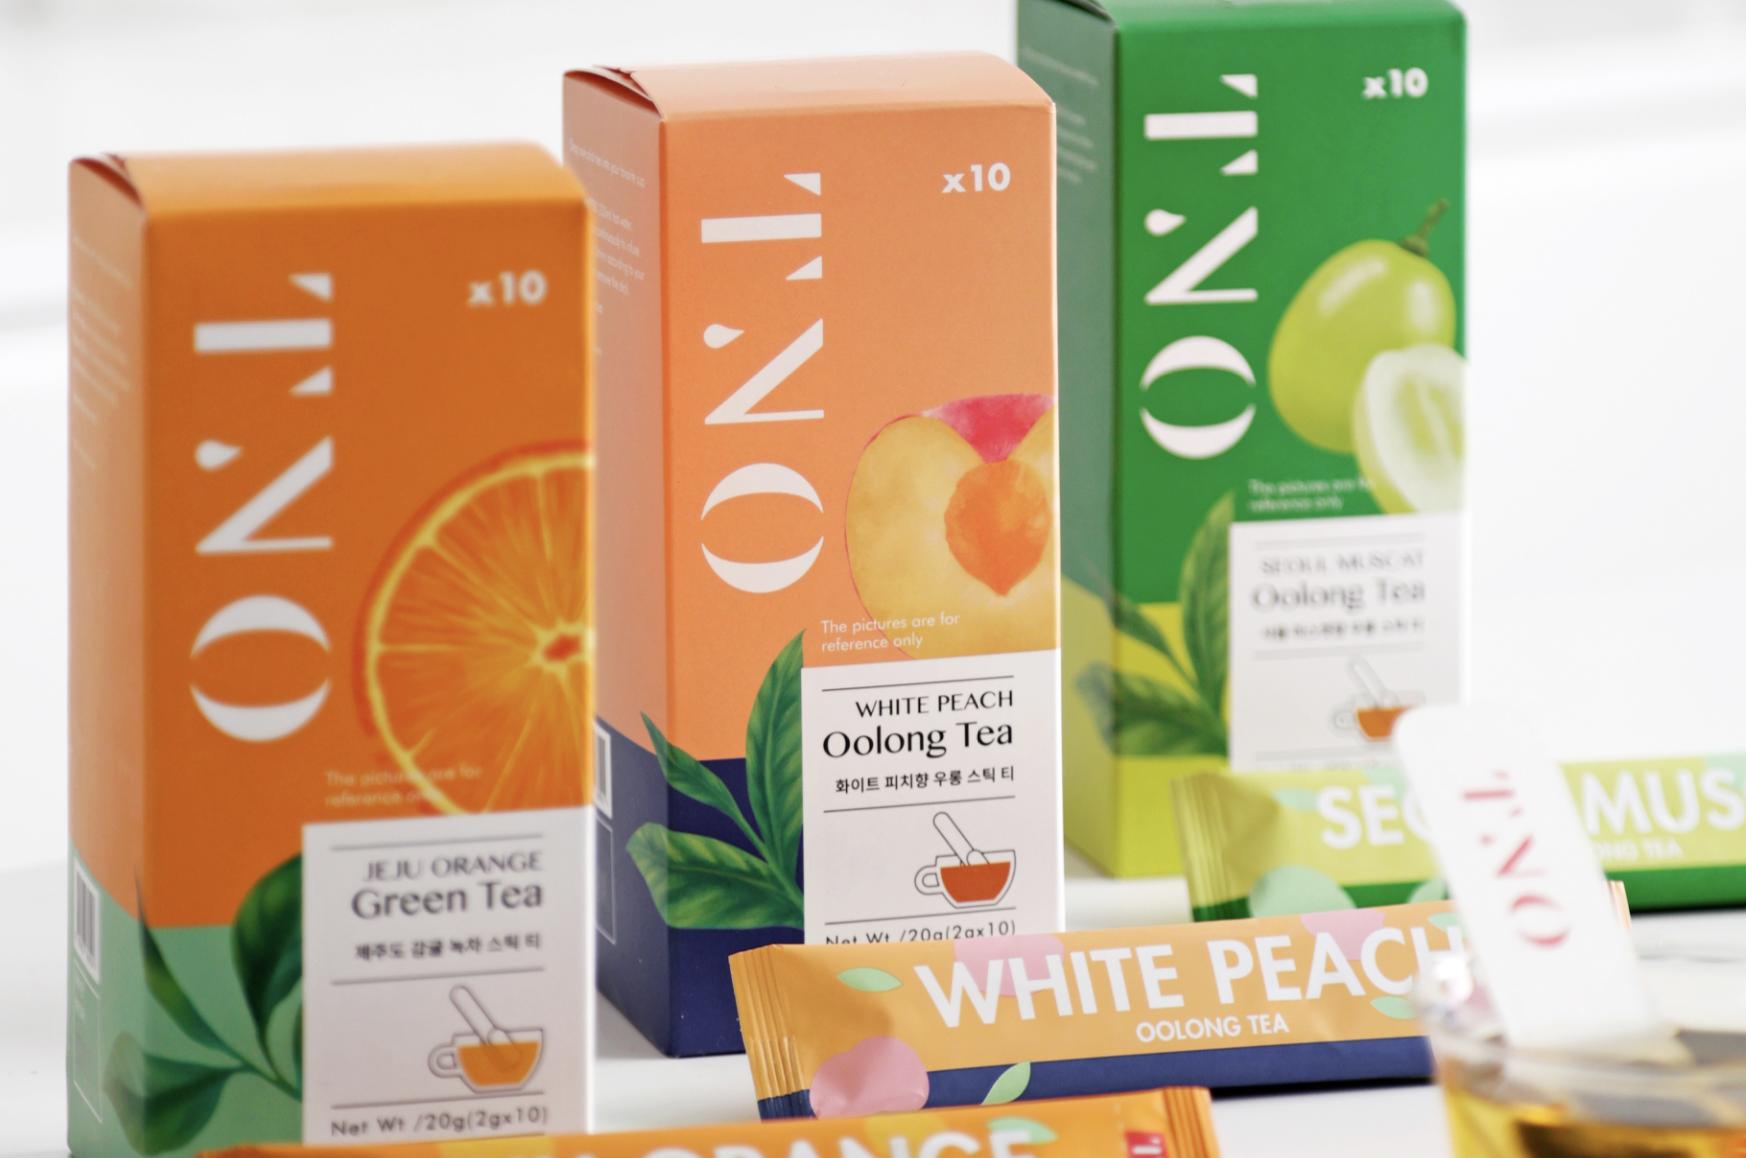 新锐茶饮品牌TNO完成数千万元Pre-A轮融资,希望打造属于年轻人的茶饮帝国